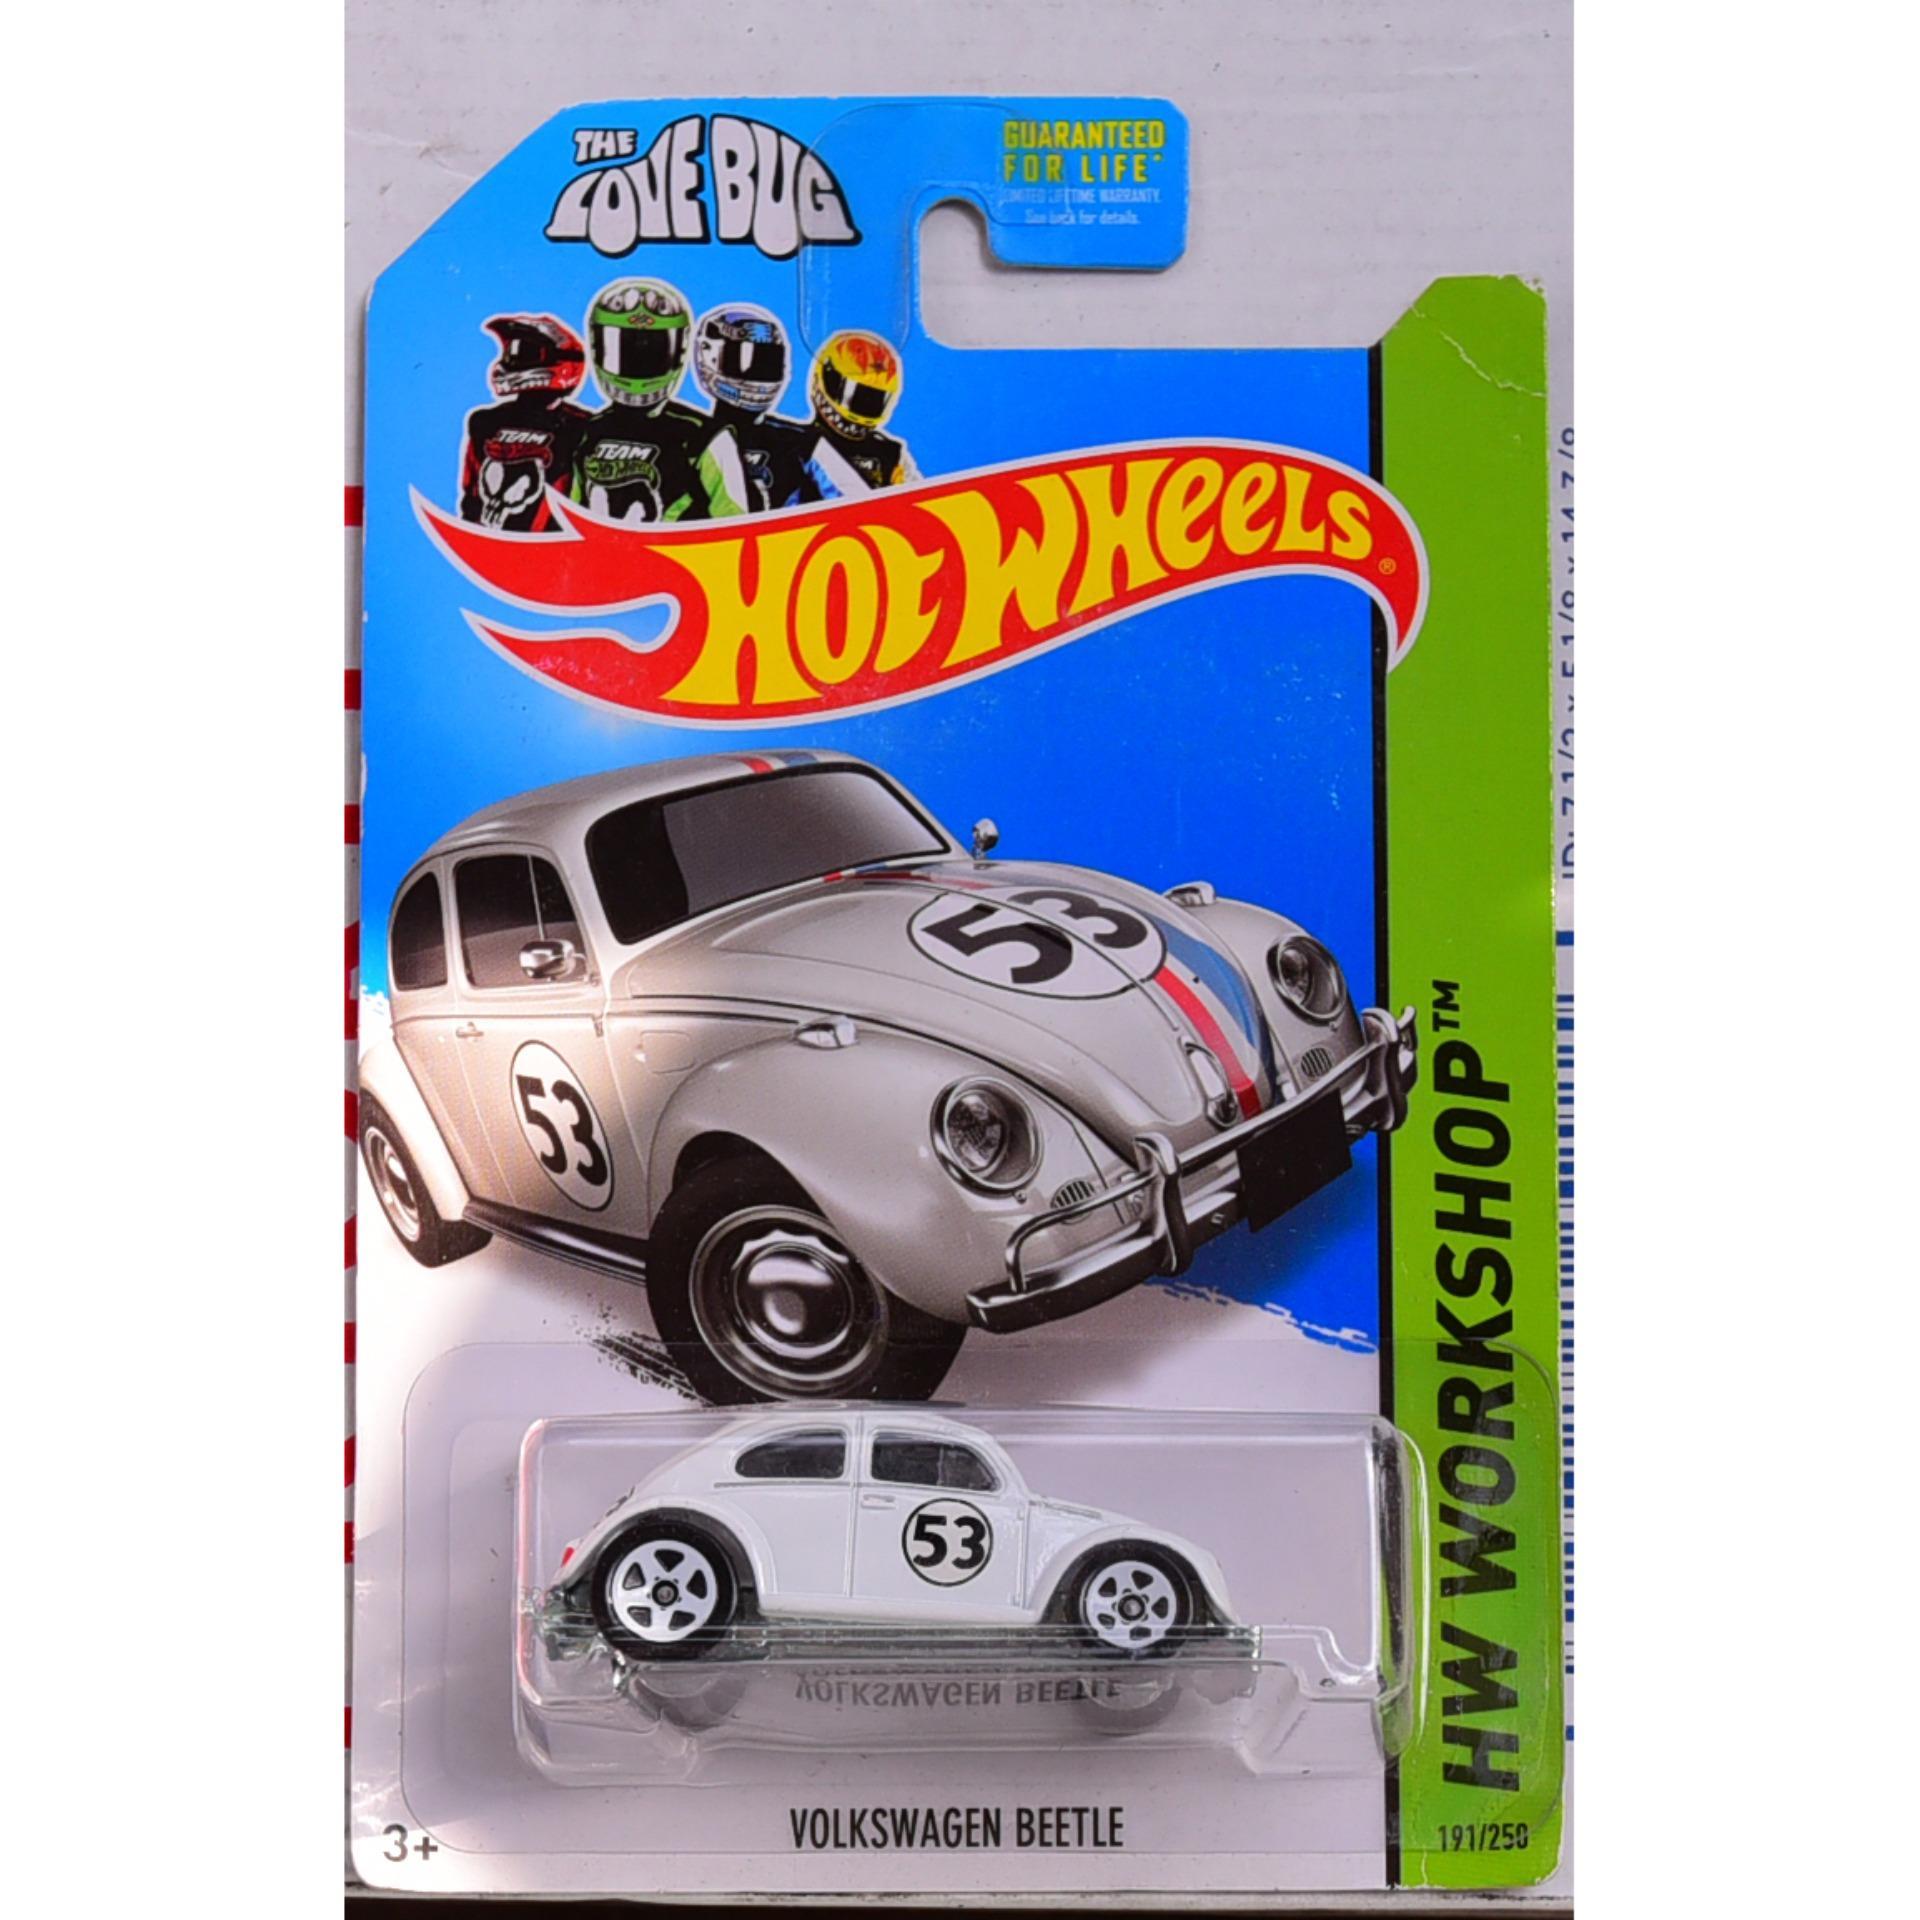 Ôn Tập Tốt Nhất O To Mo Hinh Tỉ Lệ 1 64 Hot Wheels Xe Theo Phim Herbie The Love Bug Volkswagen Beetle Mau Trắng